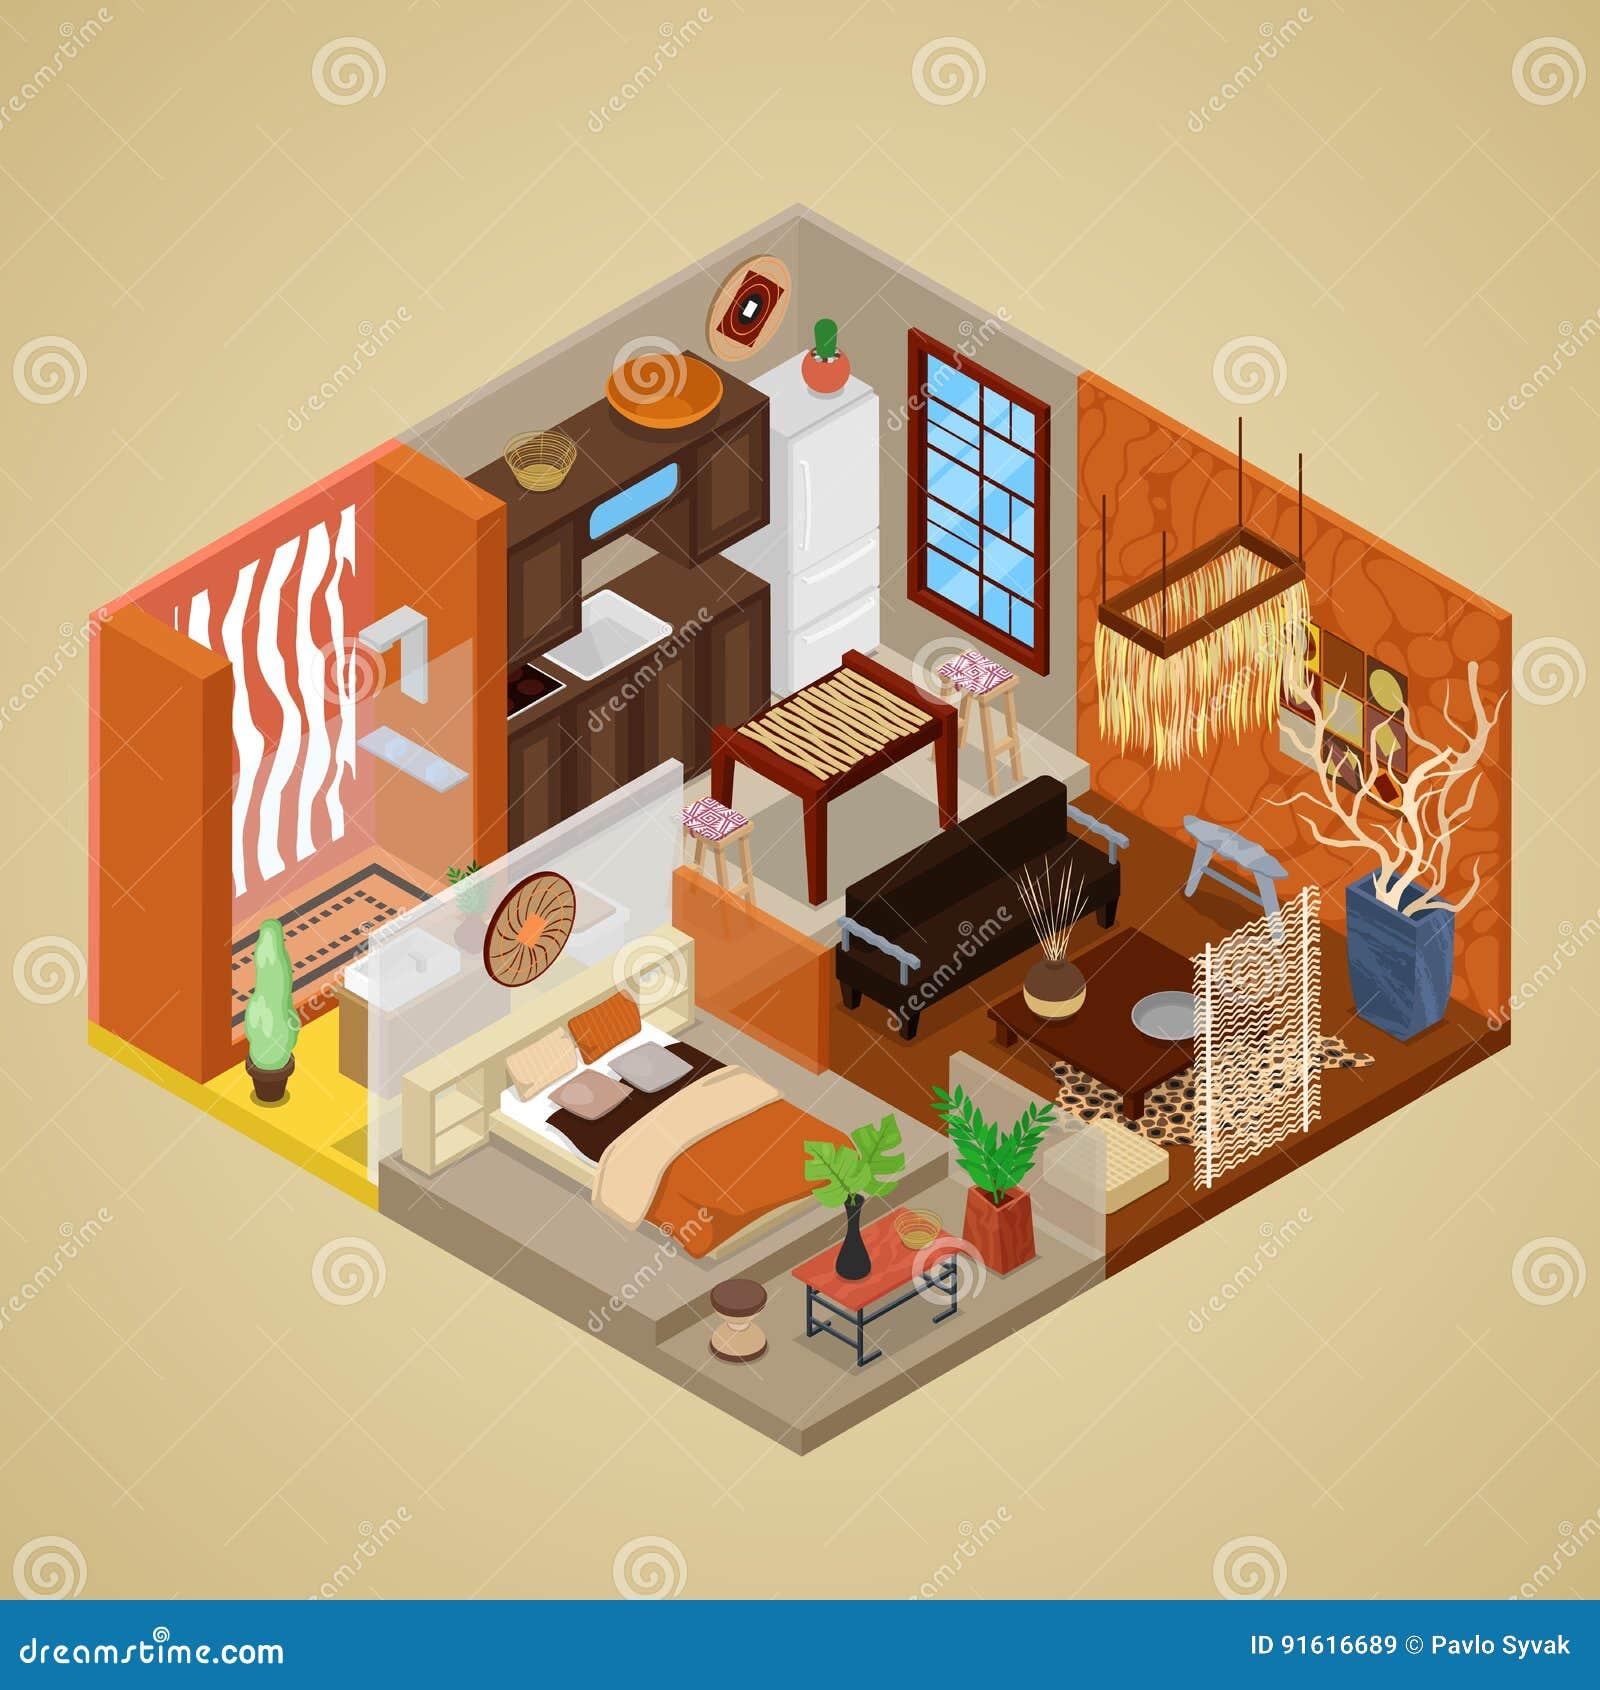 Download Afrikanische Art Innenarchitektur Mit Wohnzimmer Und Küche  Isometrische Flache Illustration 3d Vektor Abbildung